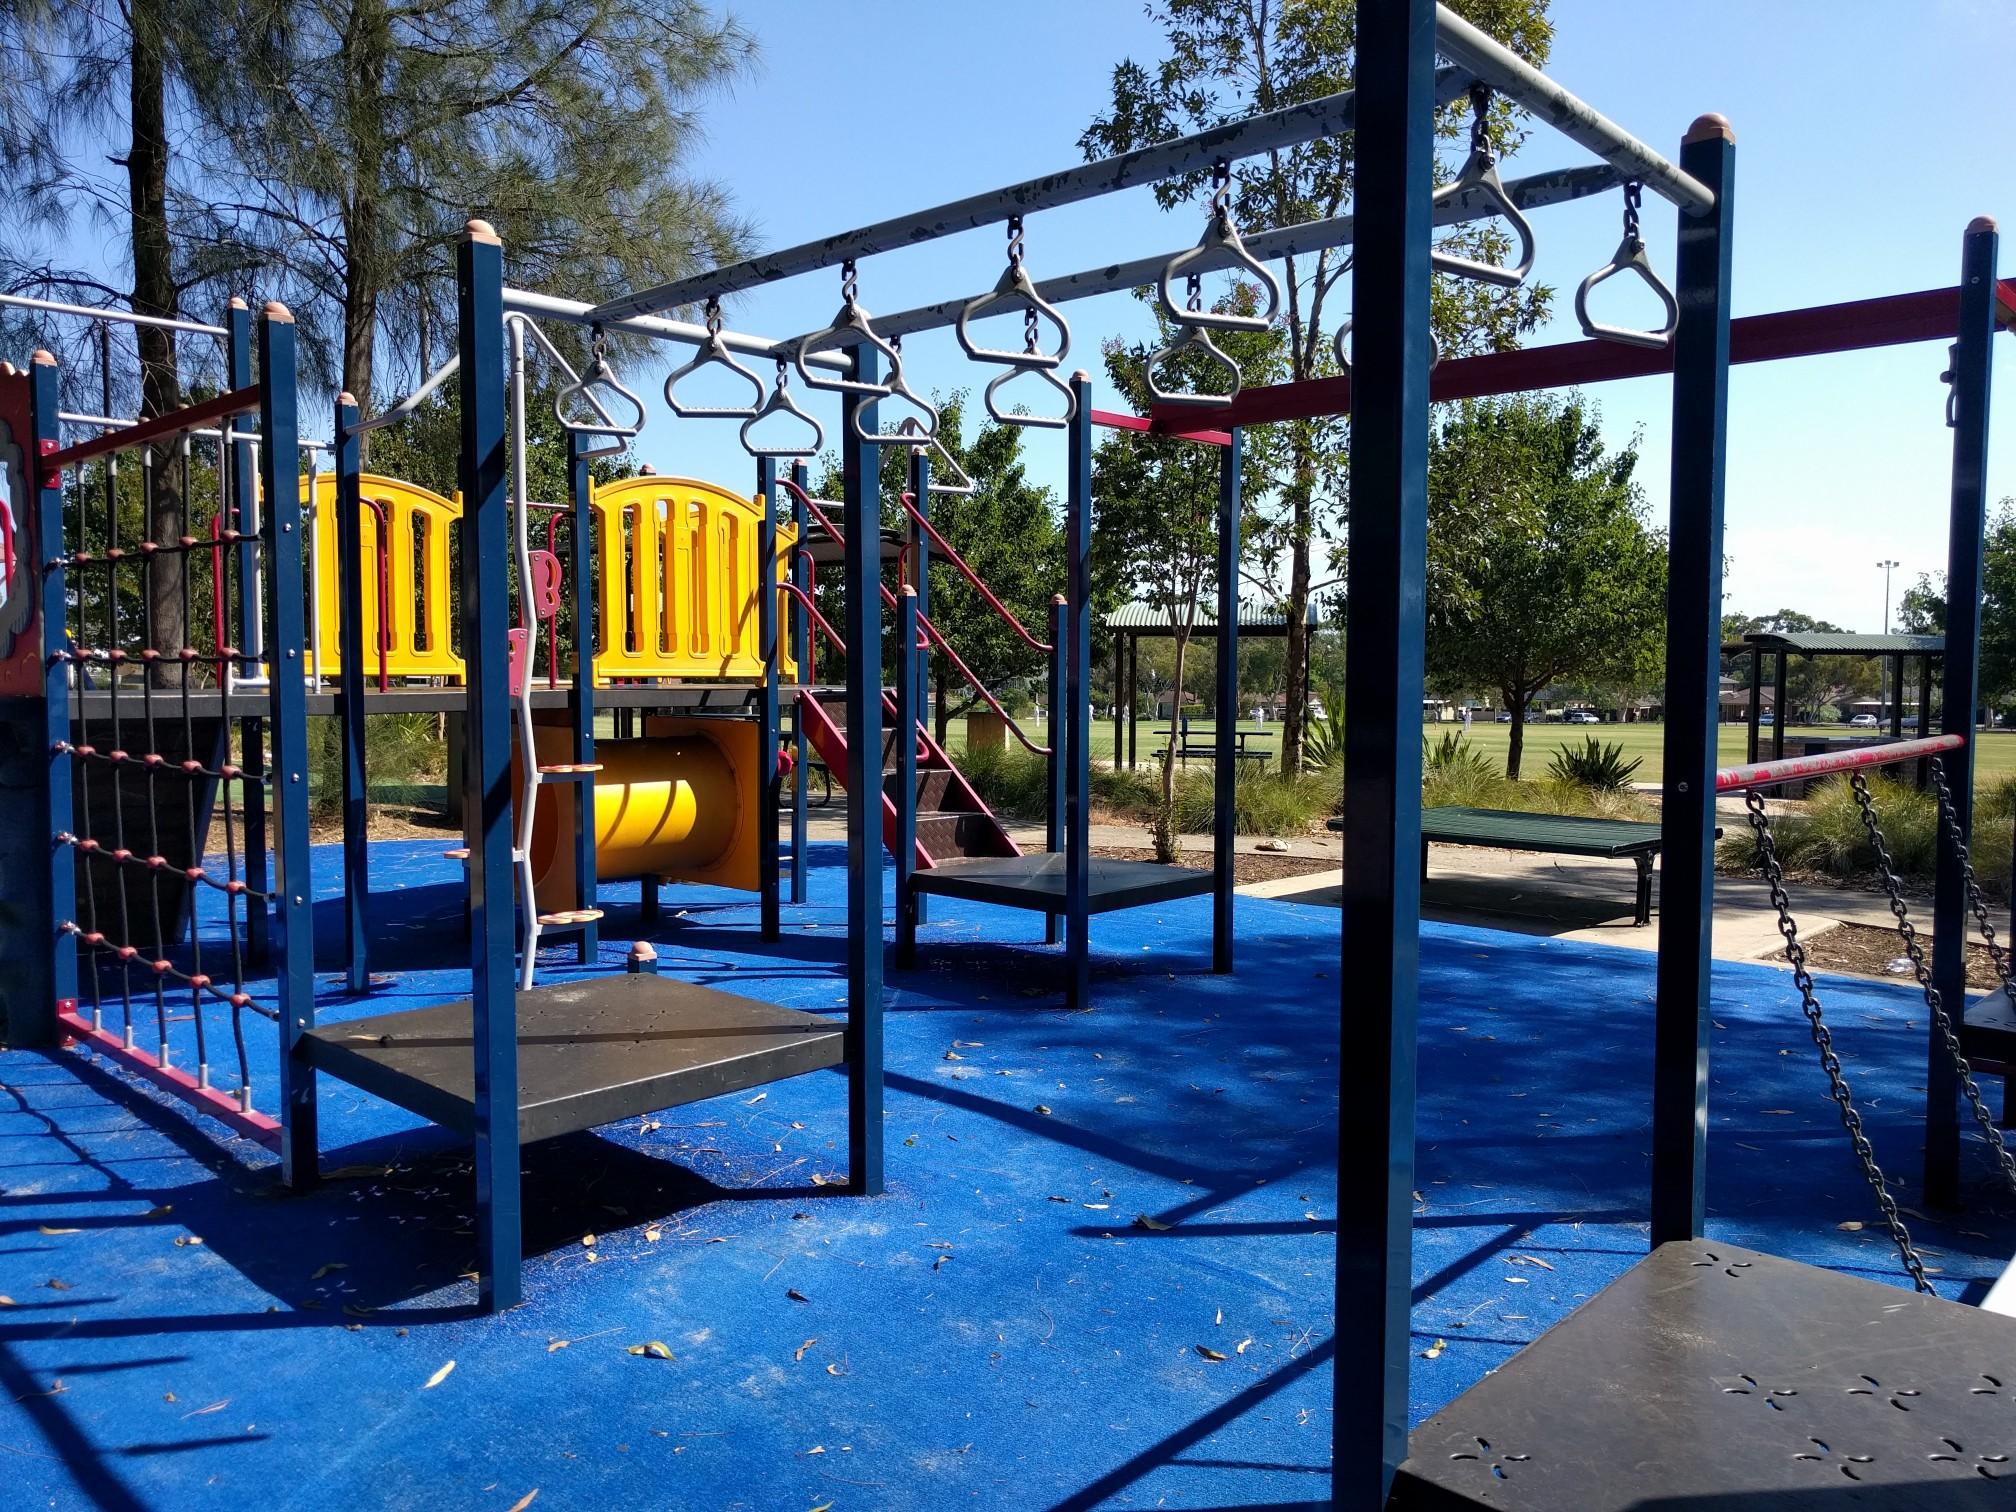 Arthur Phillip Park